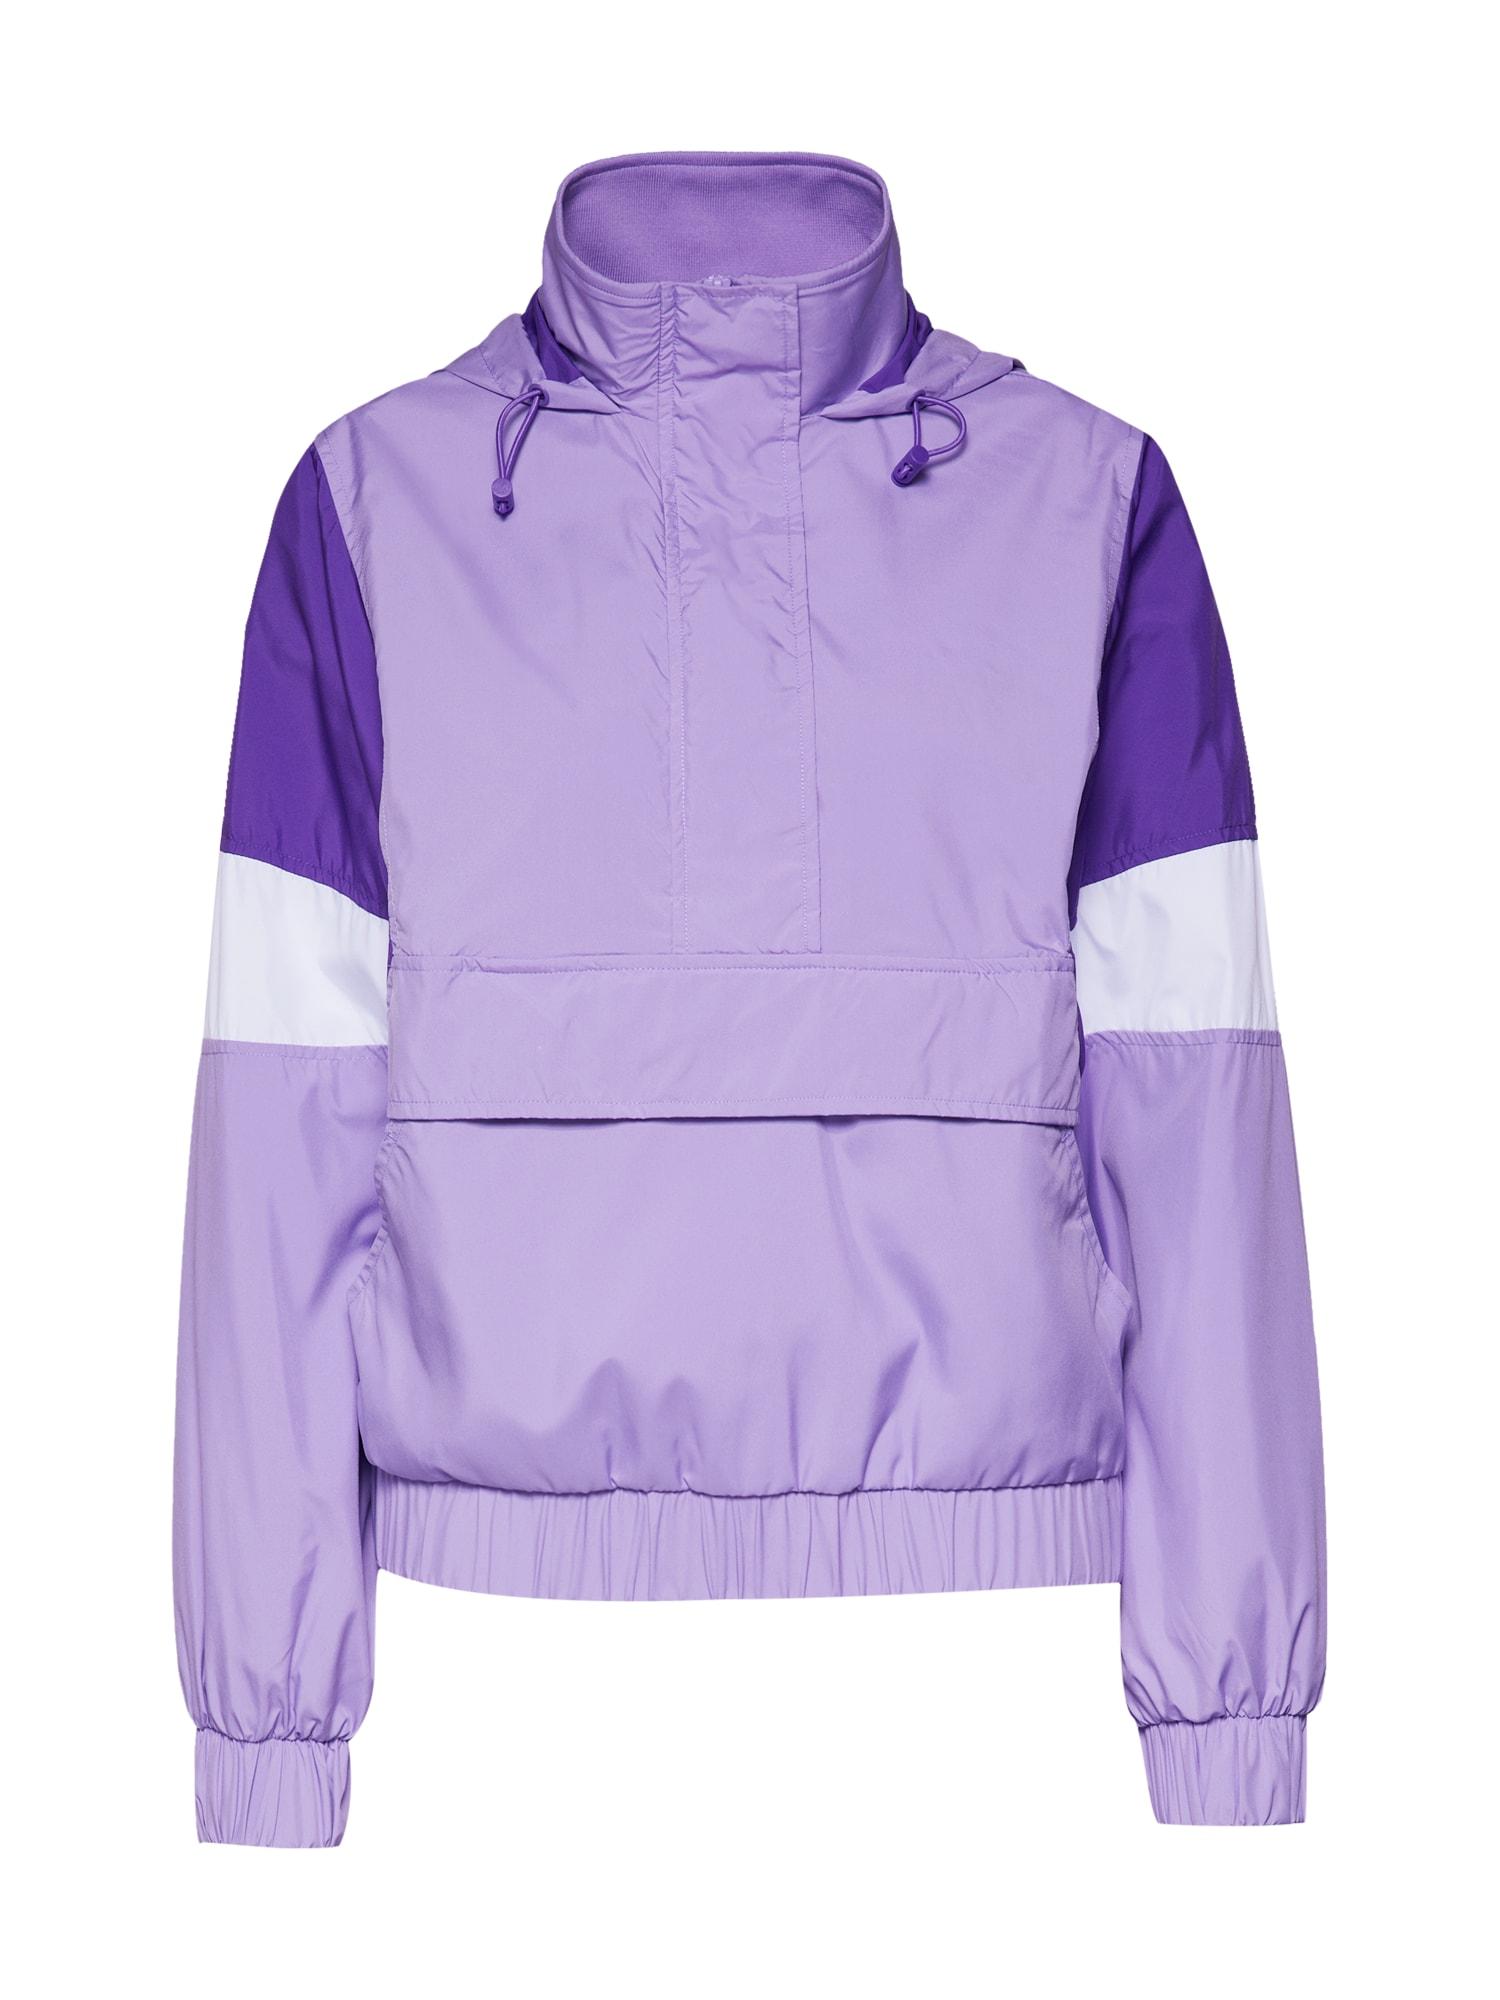 Přechodná bunda světle fialová tmavě fialová bílá Urban Classics